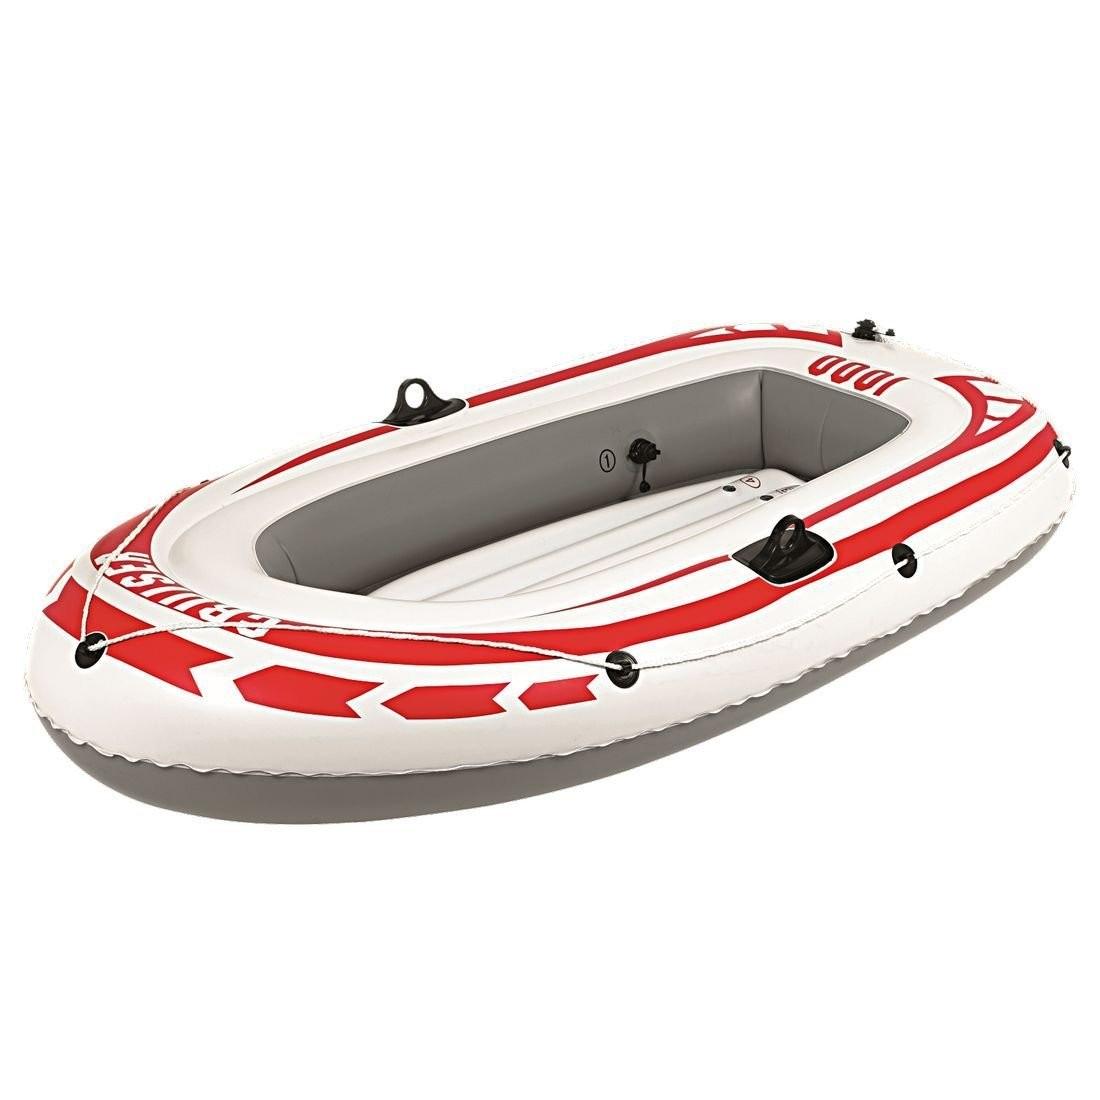 Jilong Dinghy Inflatable Boat Cruiser 1000 Sea Lake